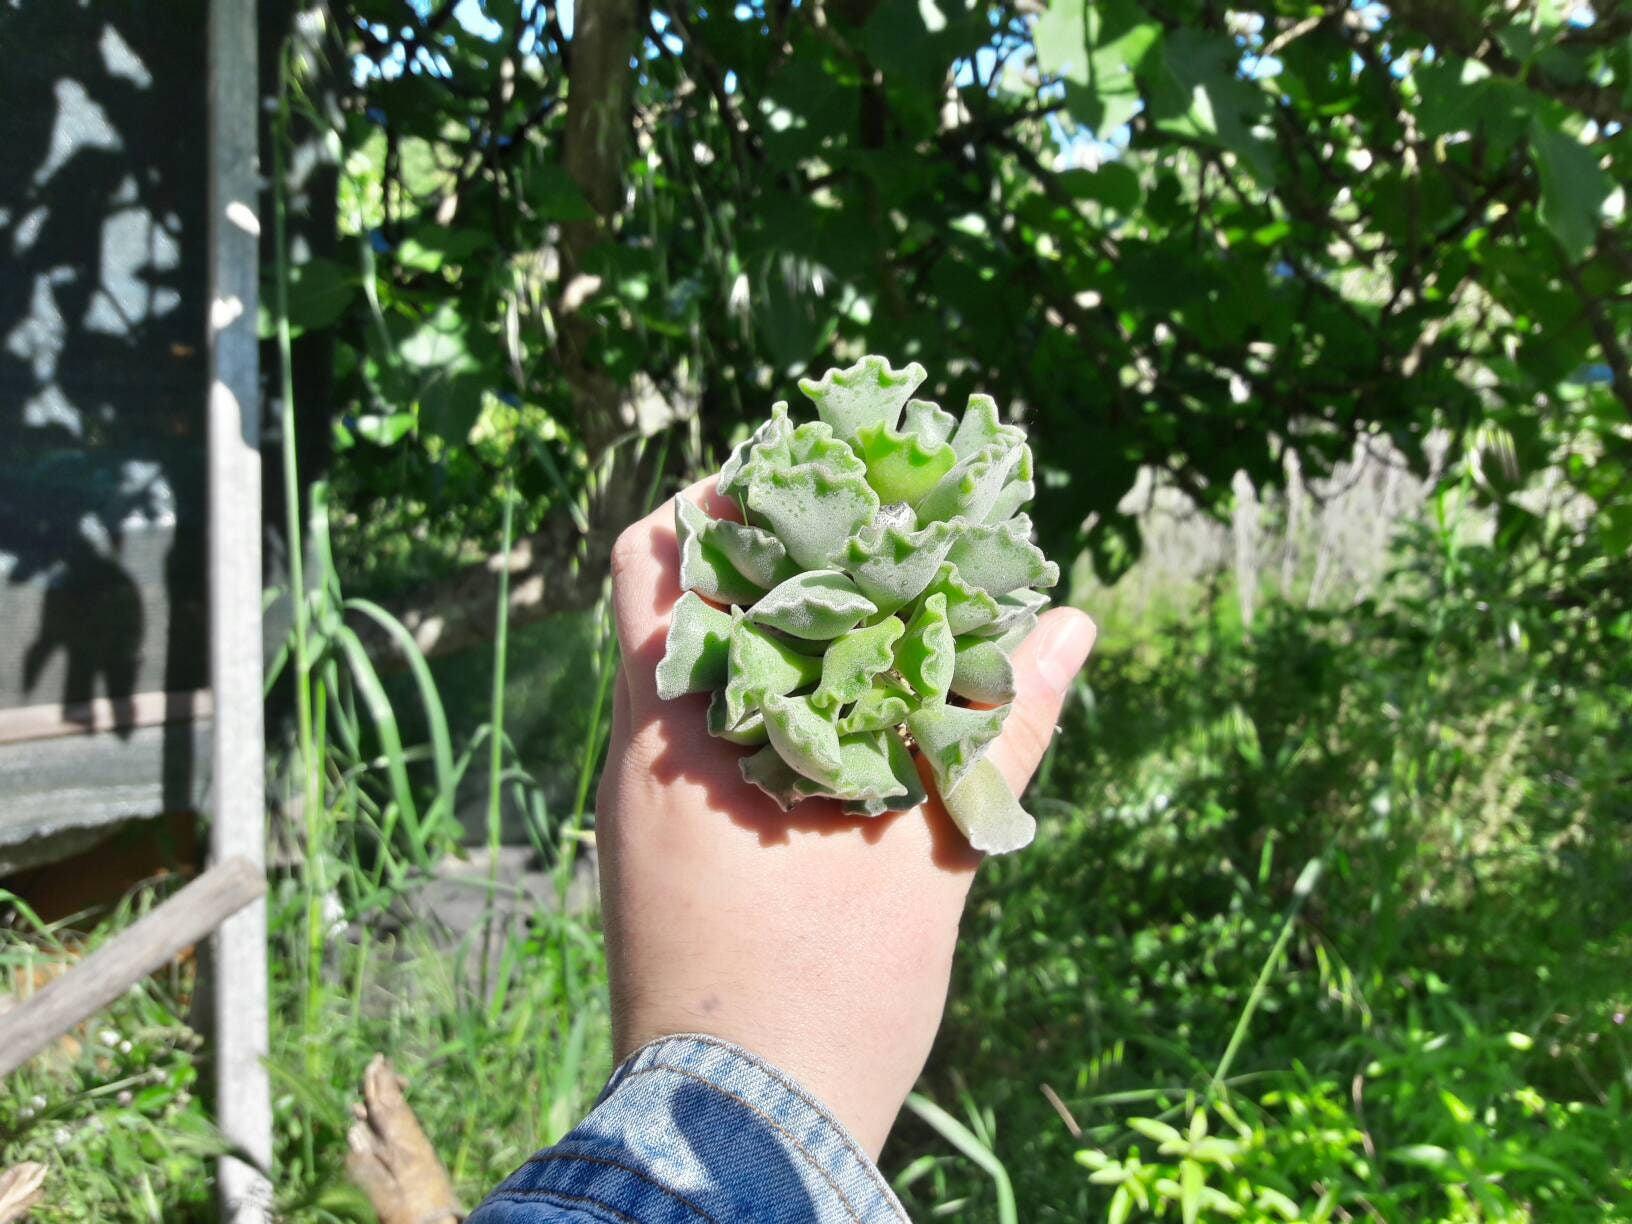 Succulent Adromischus Cristatus, Cotyledon Cristata, Crinkle Leaf Plant, Adromischus Poellnitzianus,